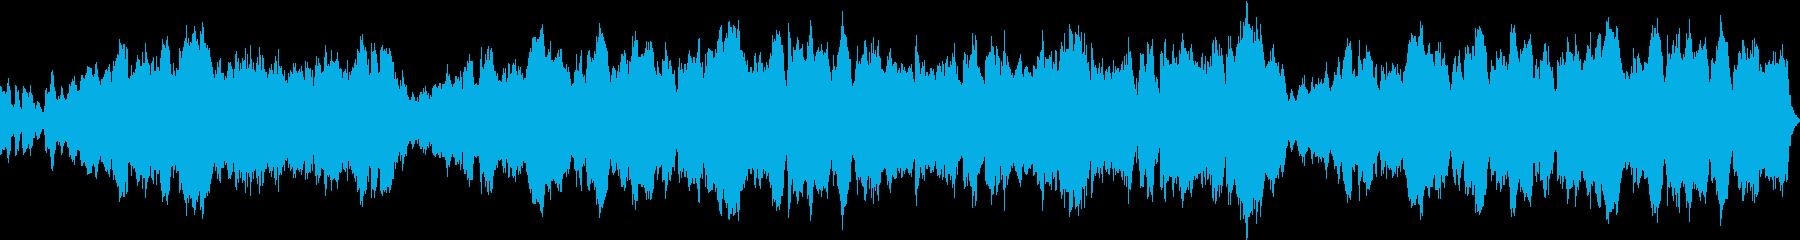 ほのぼのした日常系クラリネット ループ可の再生済みの波形